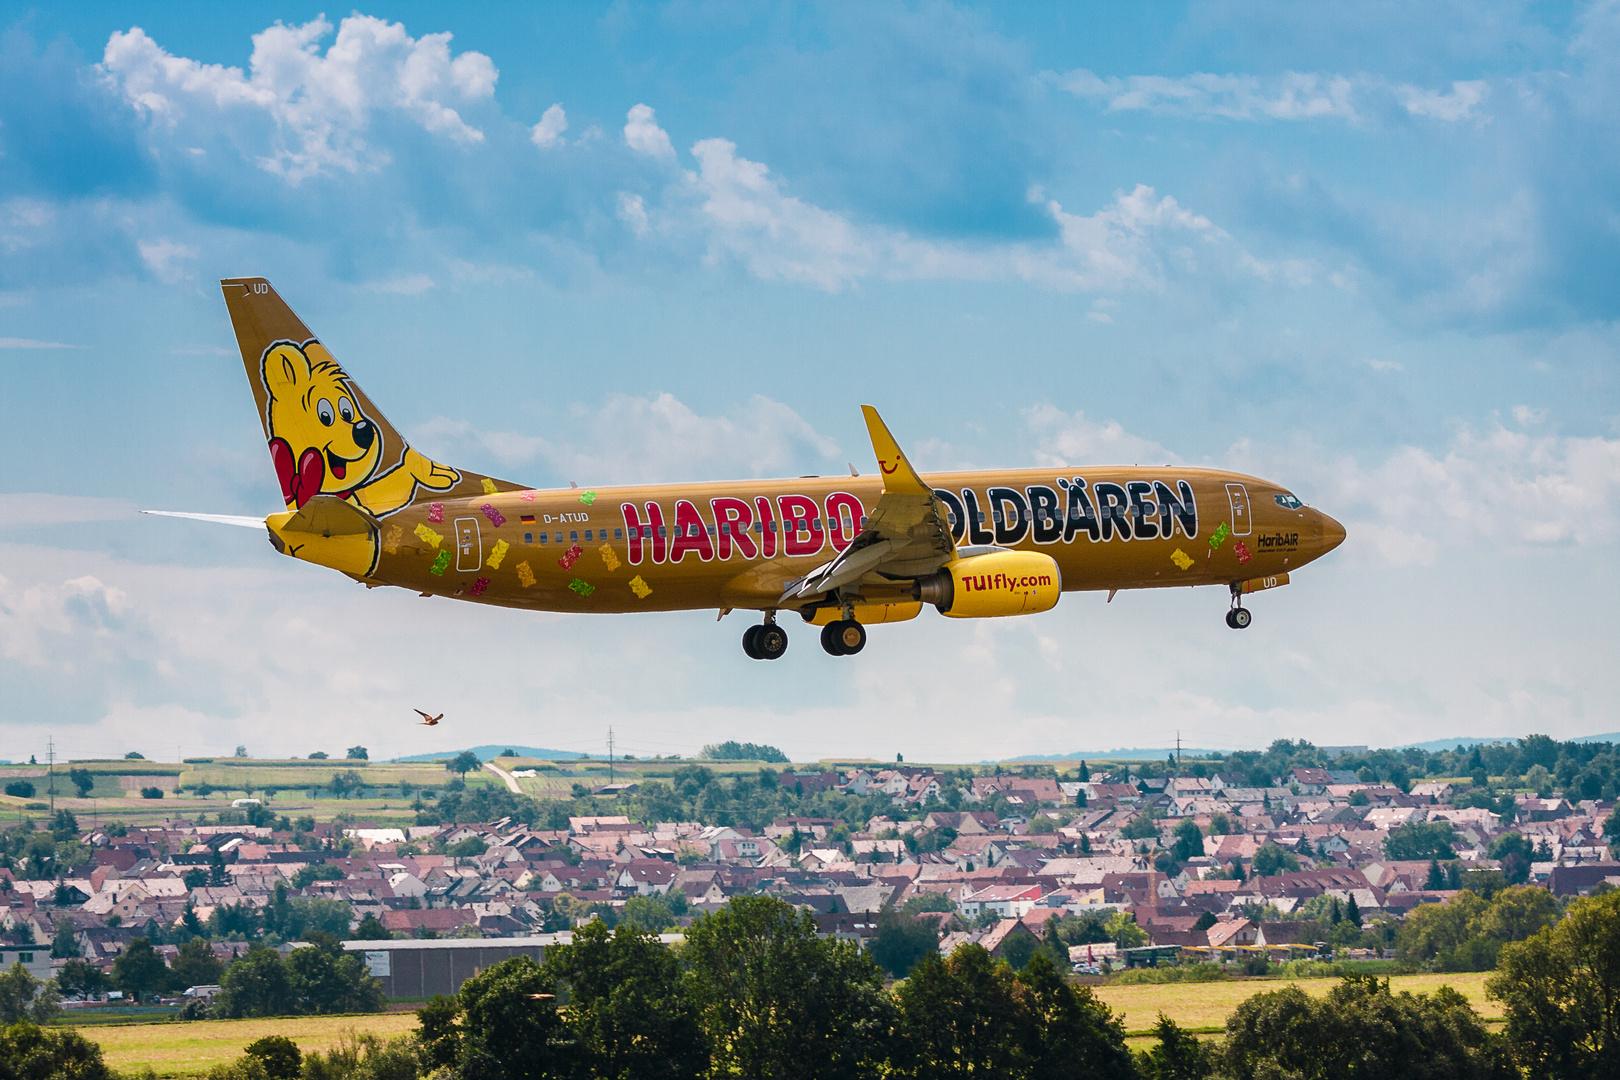 Haribo Air vs. Naturflieger